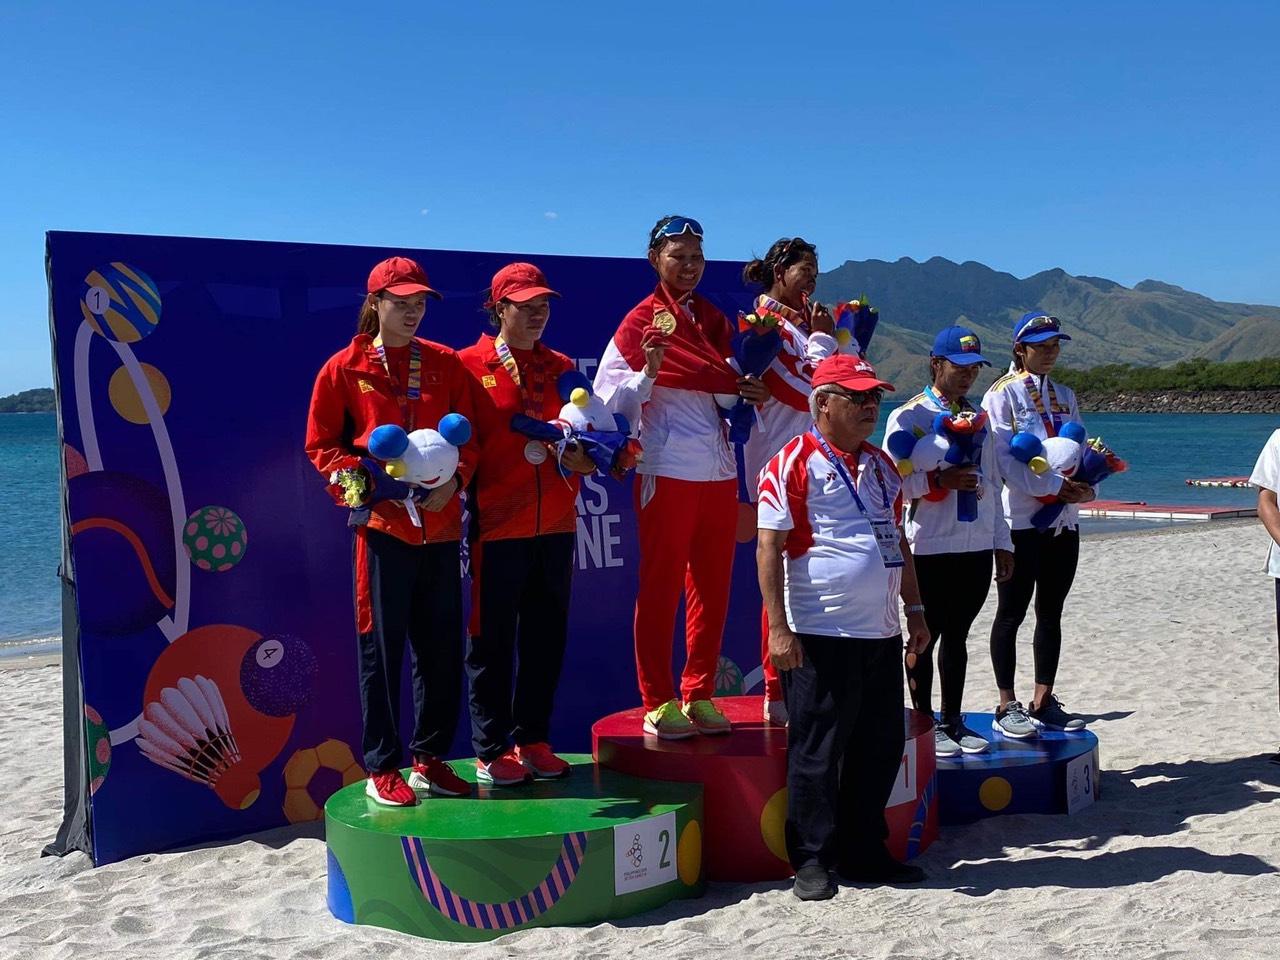 Lê Thị Hiền cùng đồng đội đội tuyển Rowing Việt Nam nhận Huy chương Bạc Seegames 30 diễn ra tại Philippin